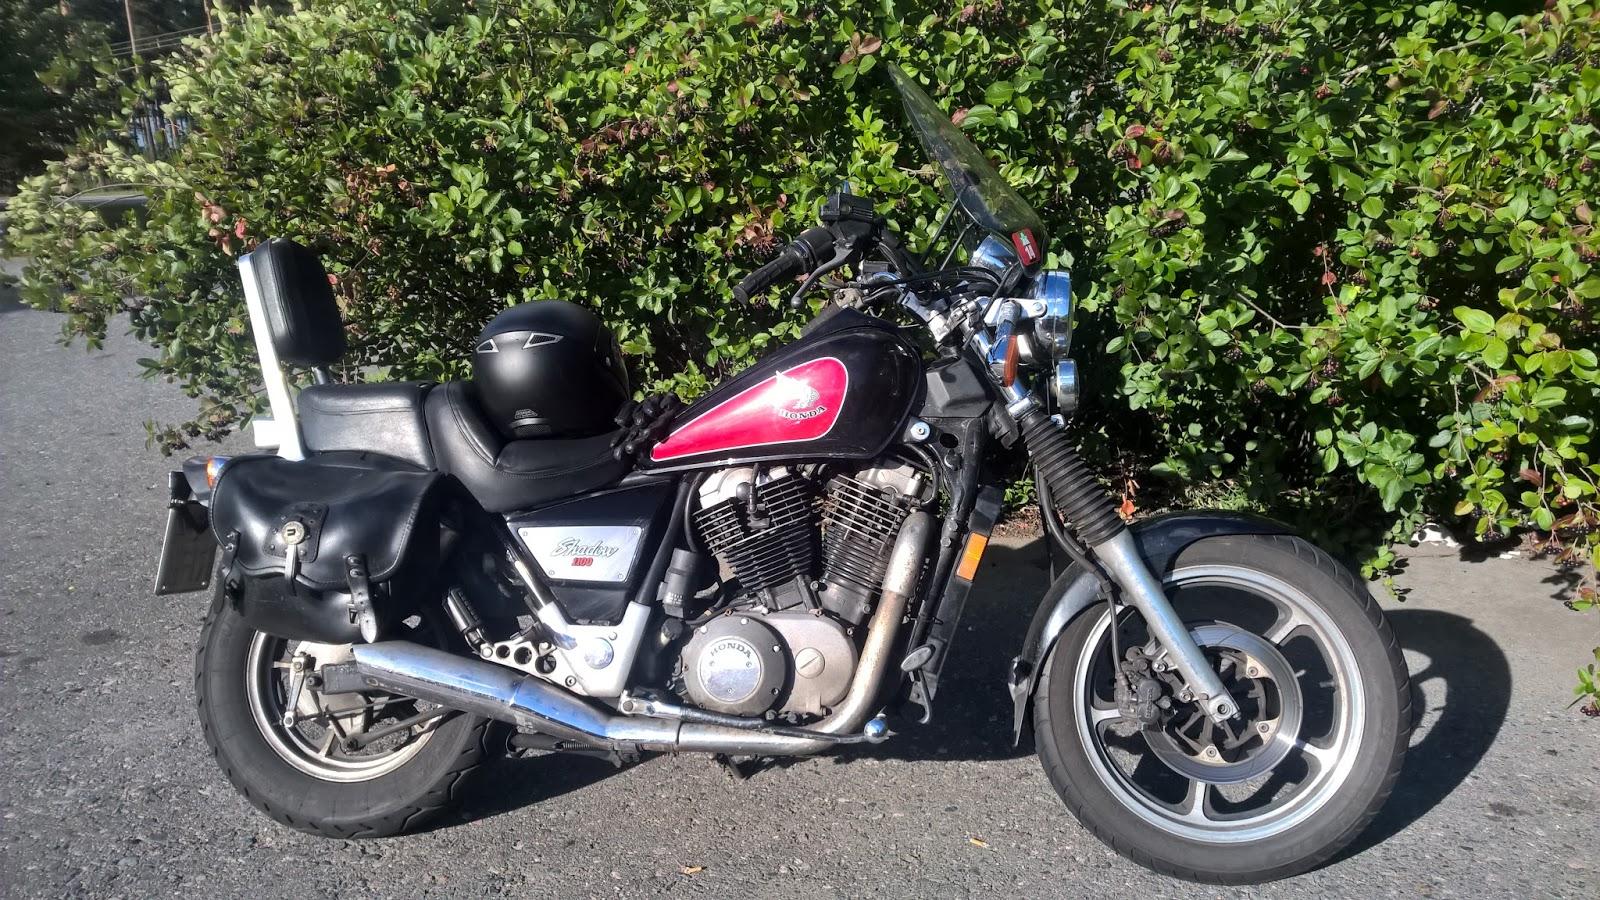 Honda shadow vt 1100 - Motoren | 2dehands.be